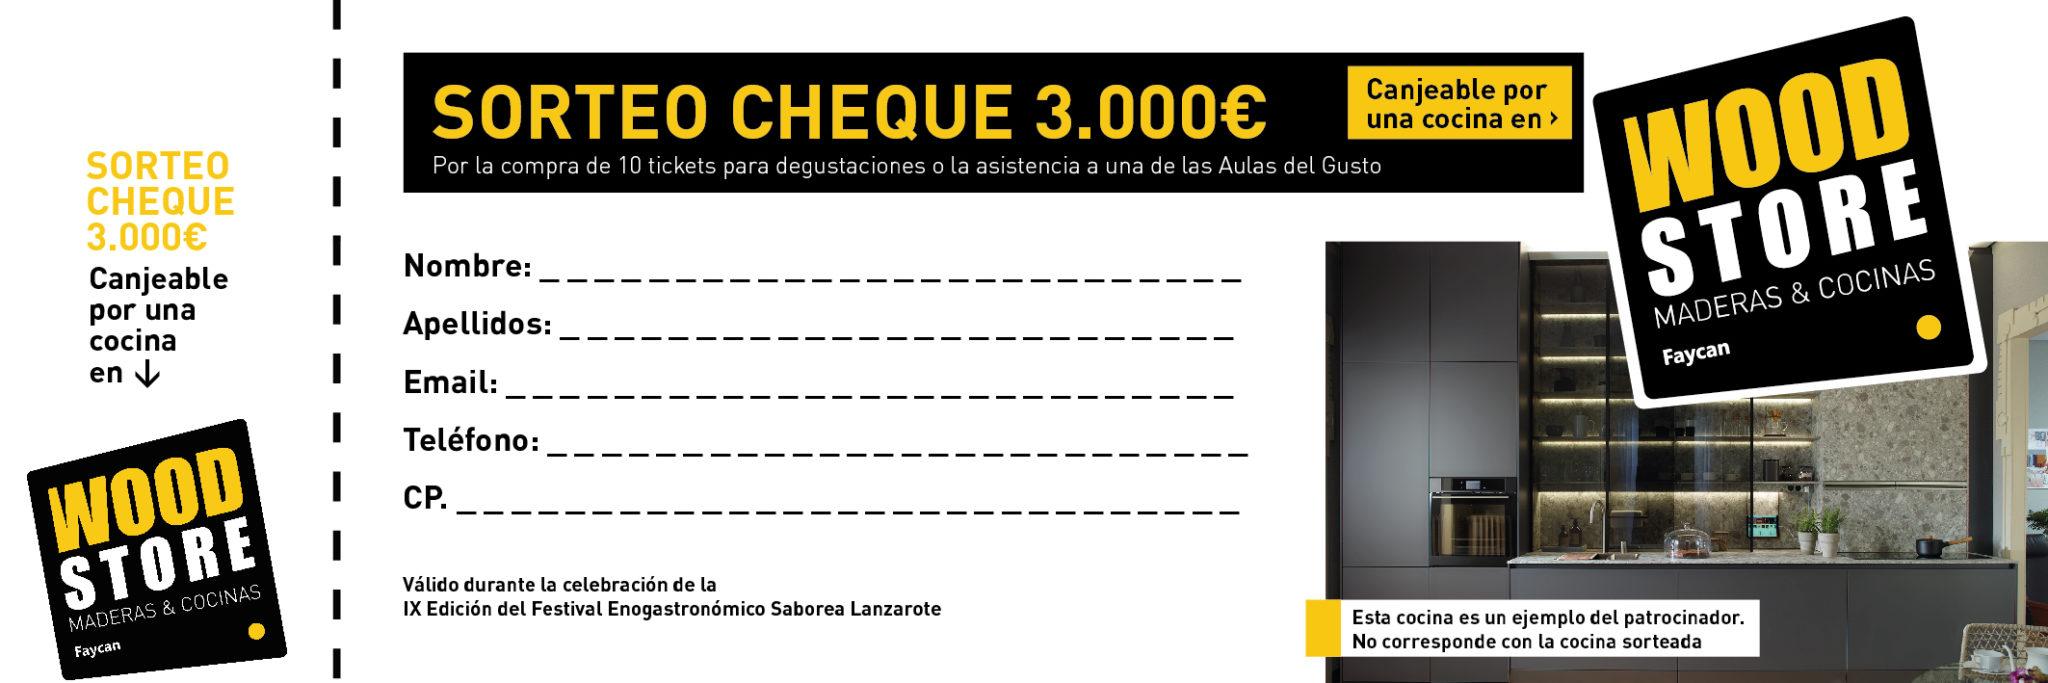 Sorteo de cheque regalo de 3.000 € en Saborea Lanzarote con Wood Store